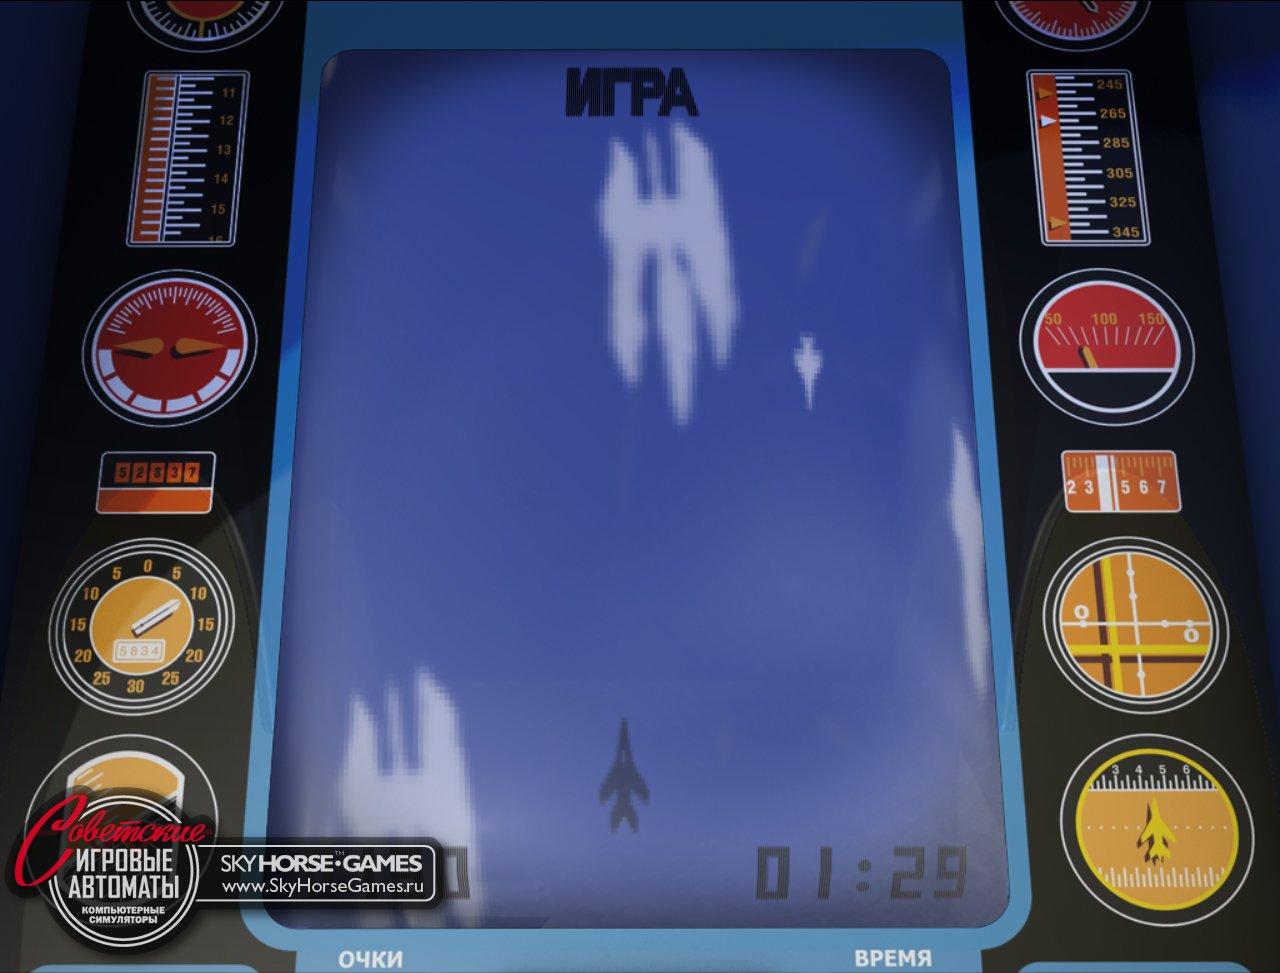 Skyhorsegames советские игровые автоматы игровые автоматы бесплатно обезъянки